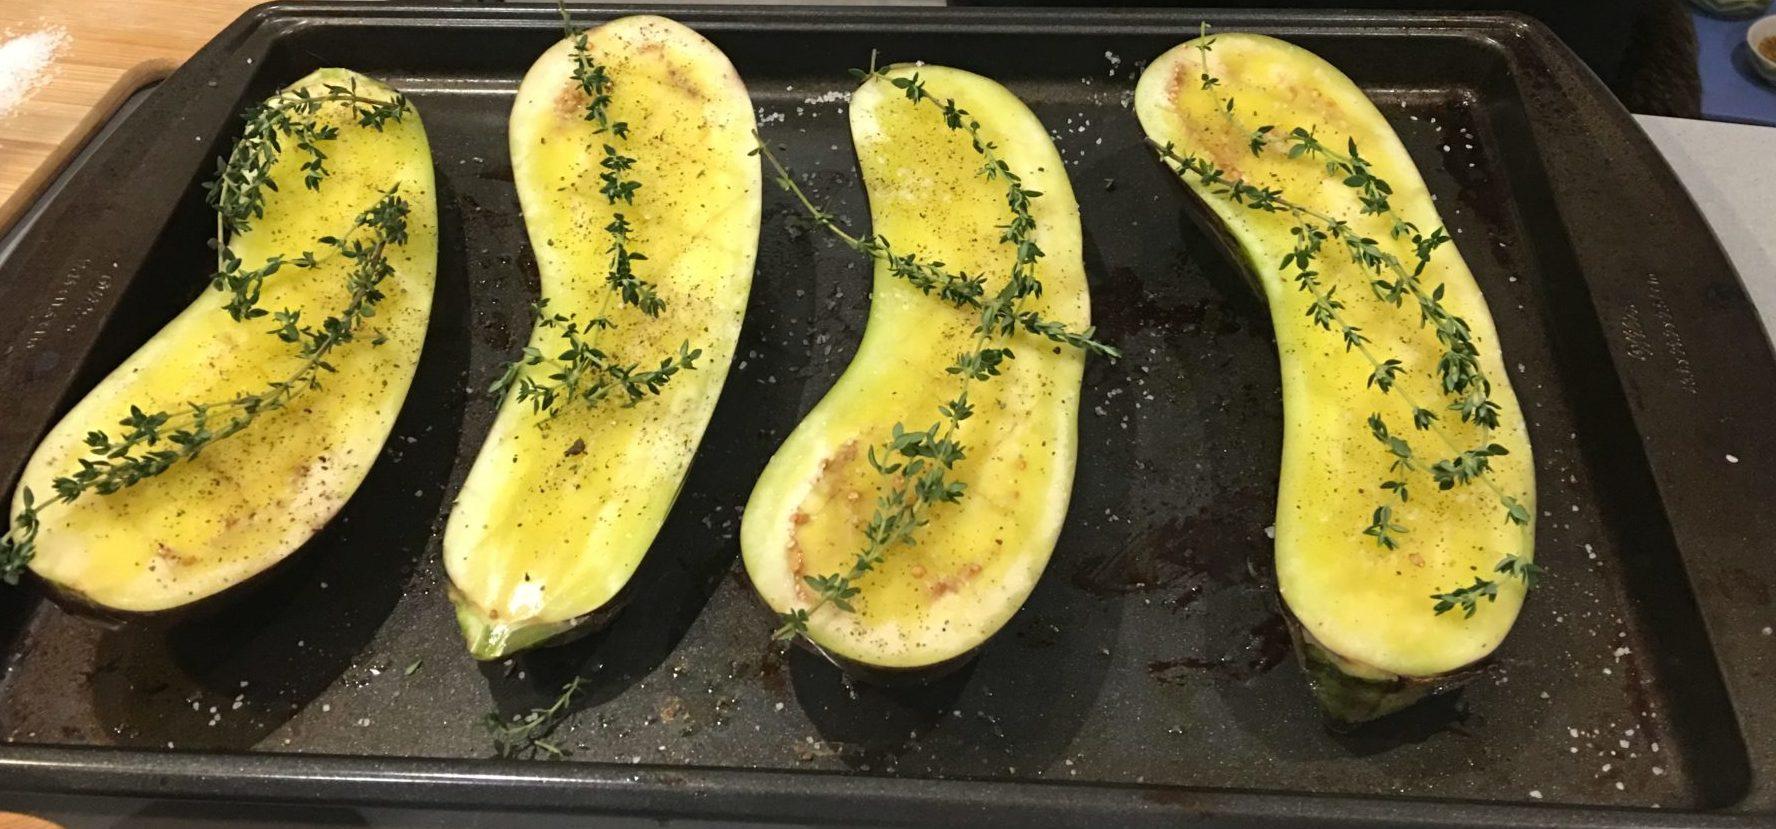 Olive oil brushed eggplant